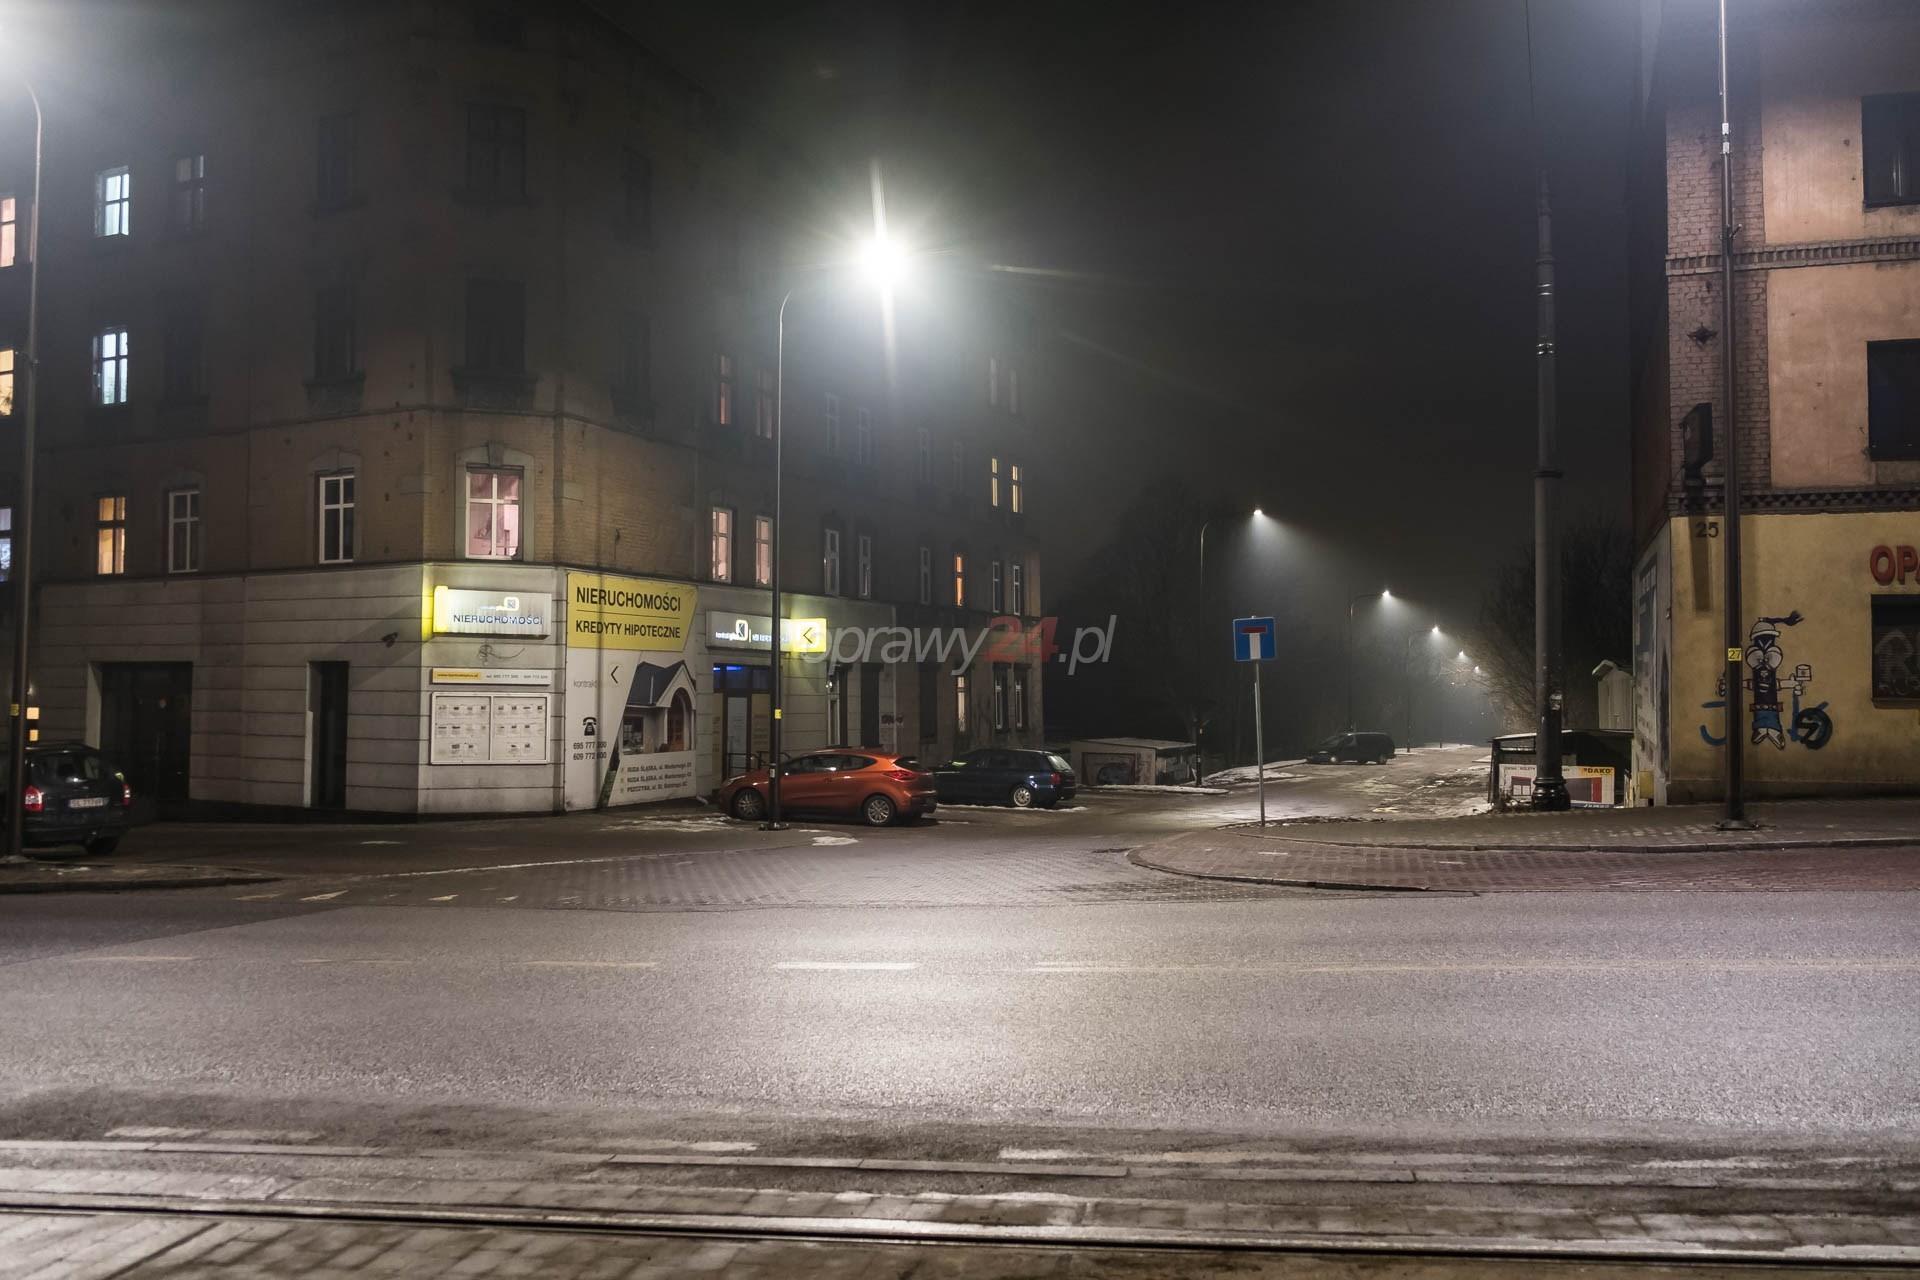 Nowe oświetlenie na Grochowskiej